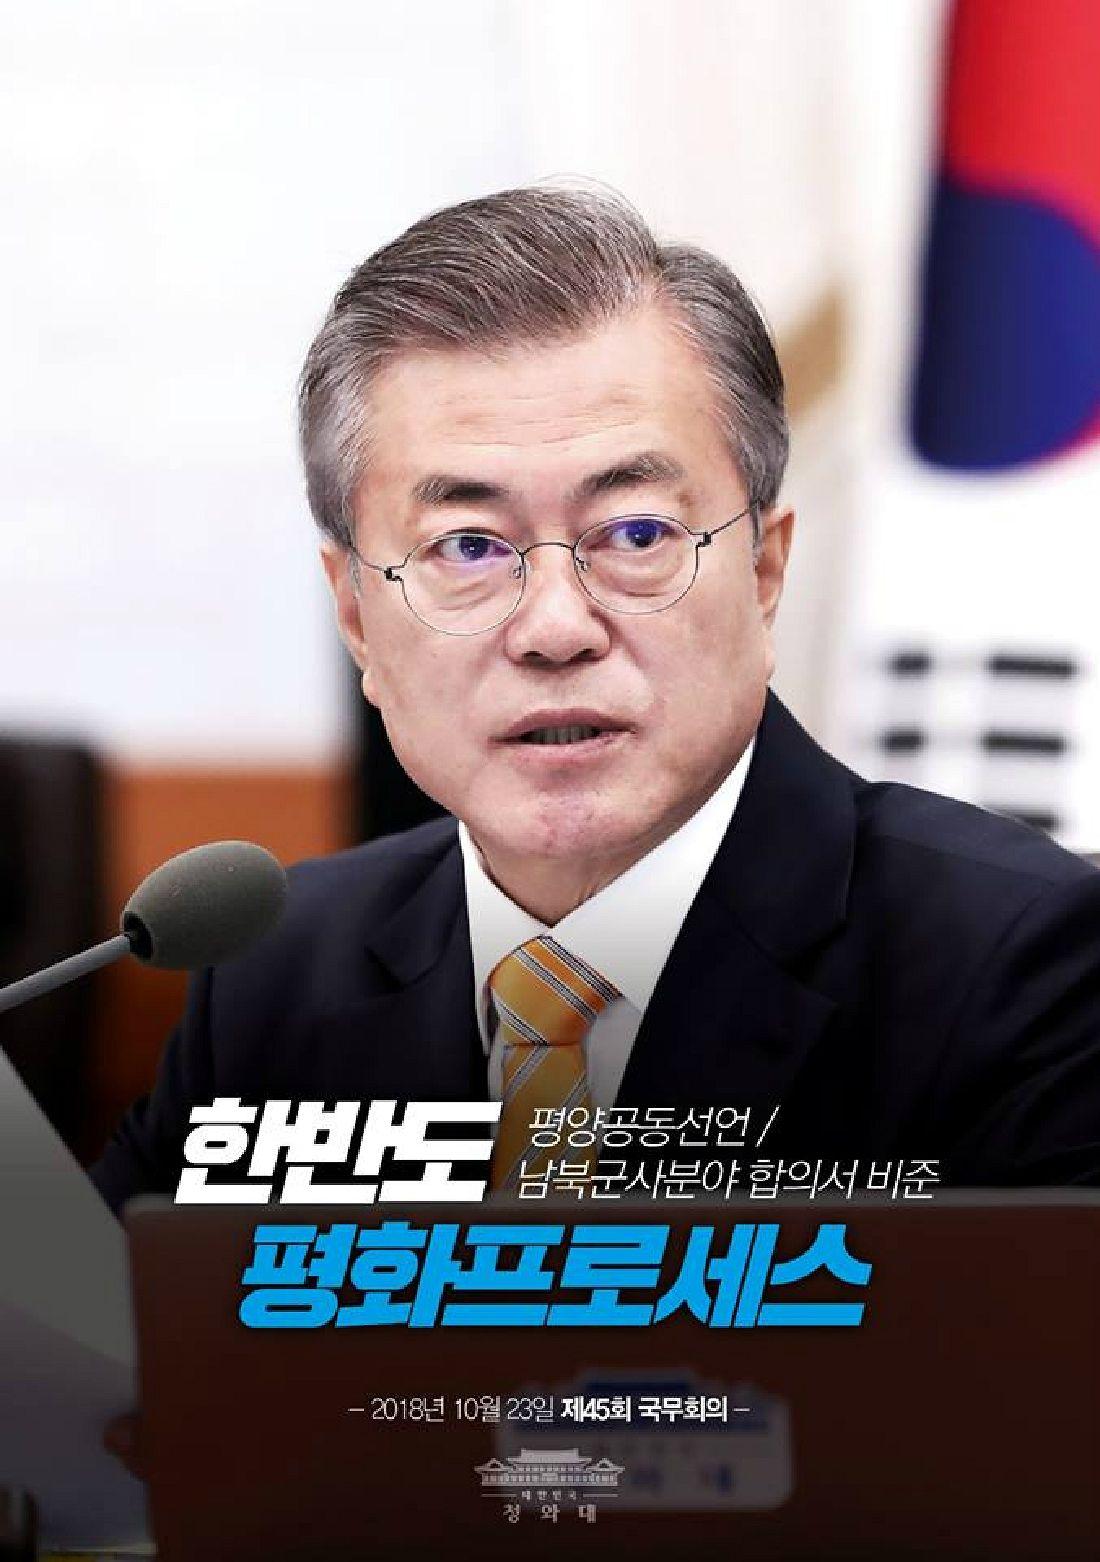 [논평] 위헌 논란까지 번진 평양공동선언 비준